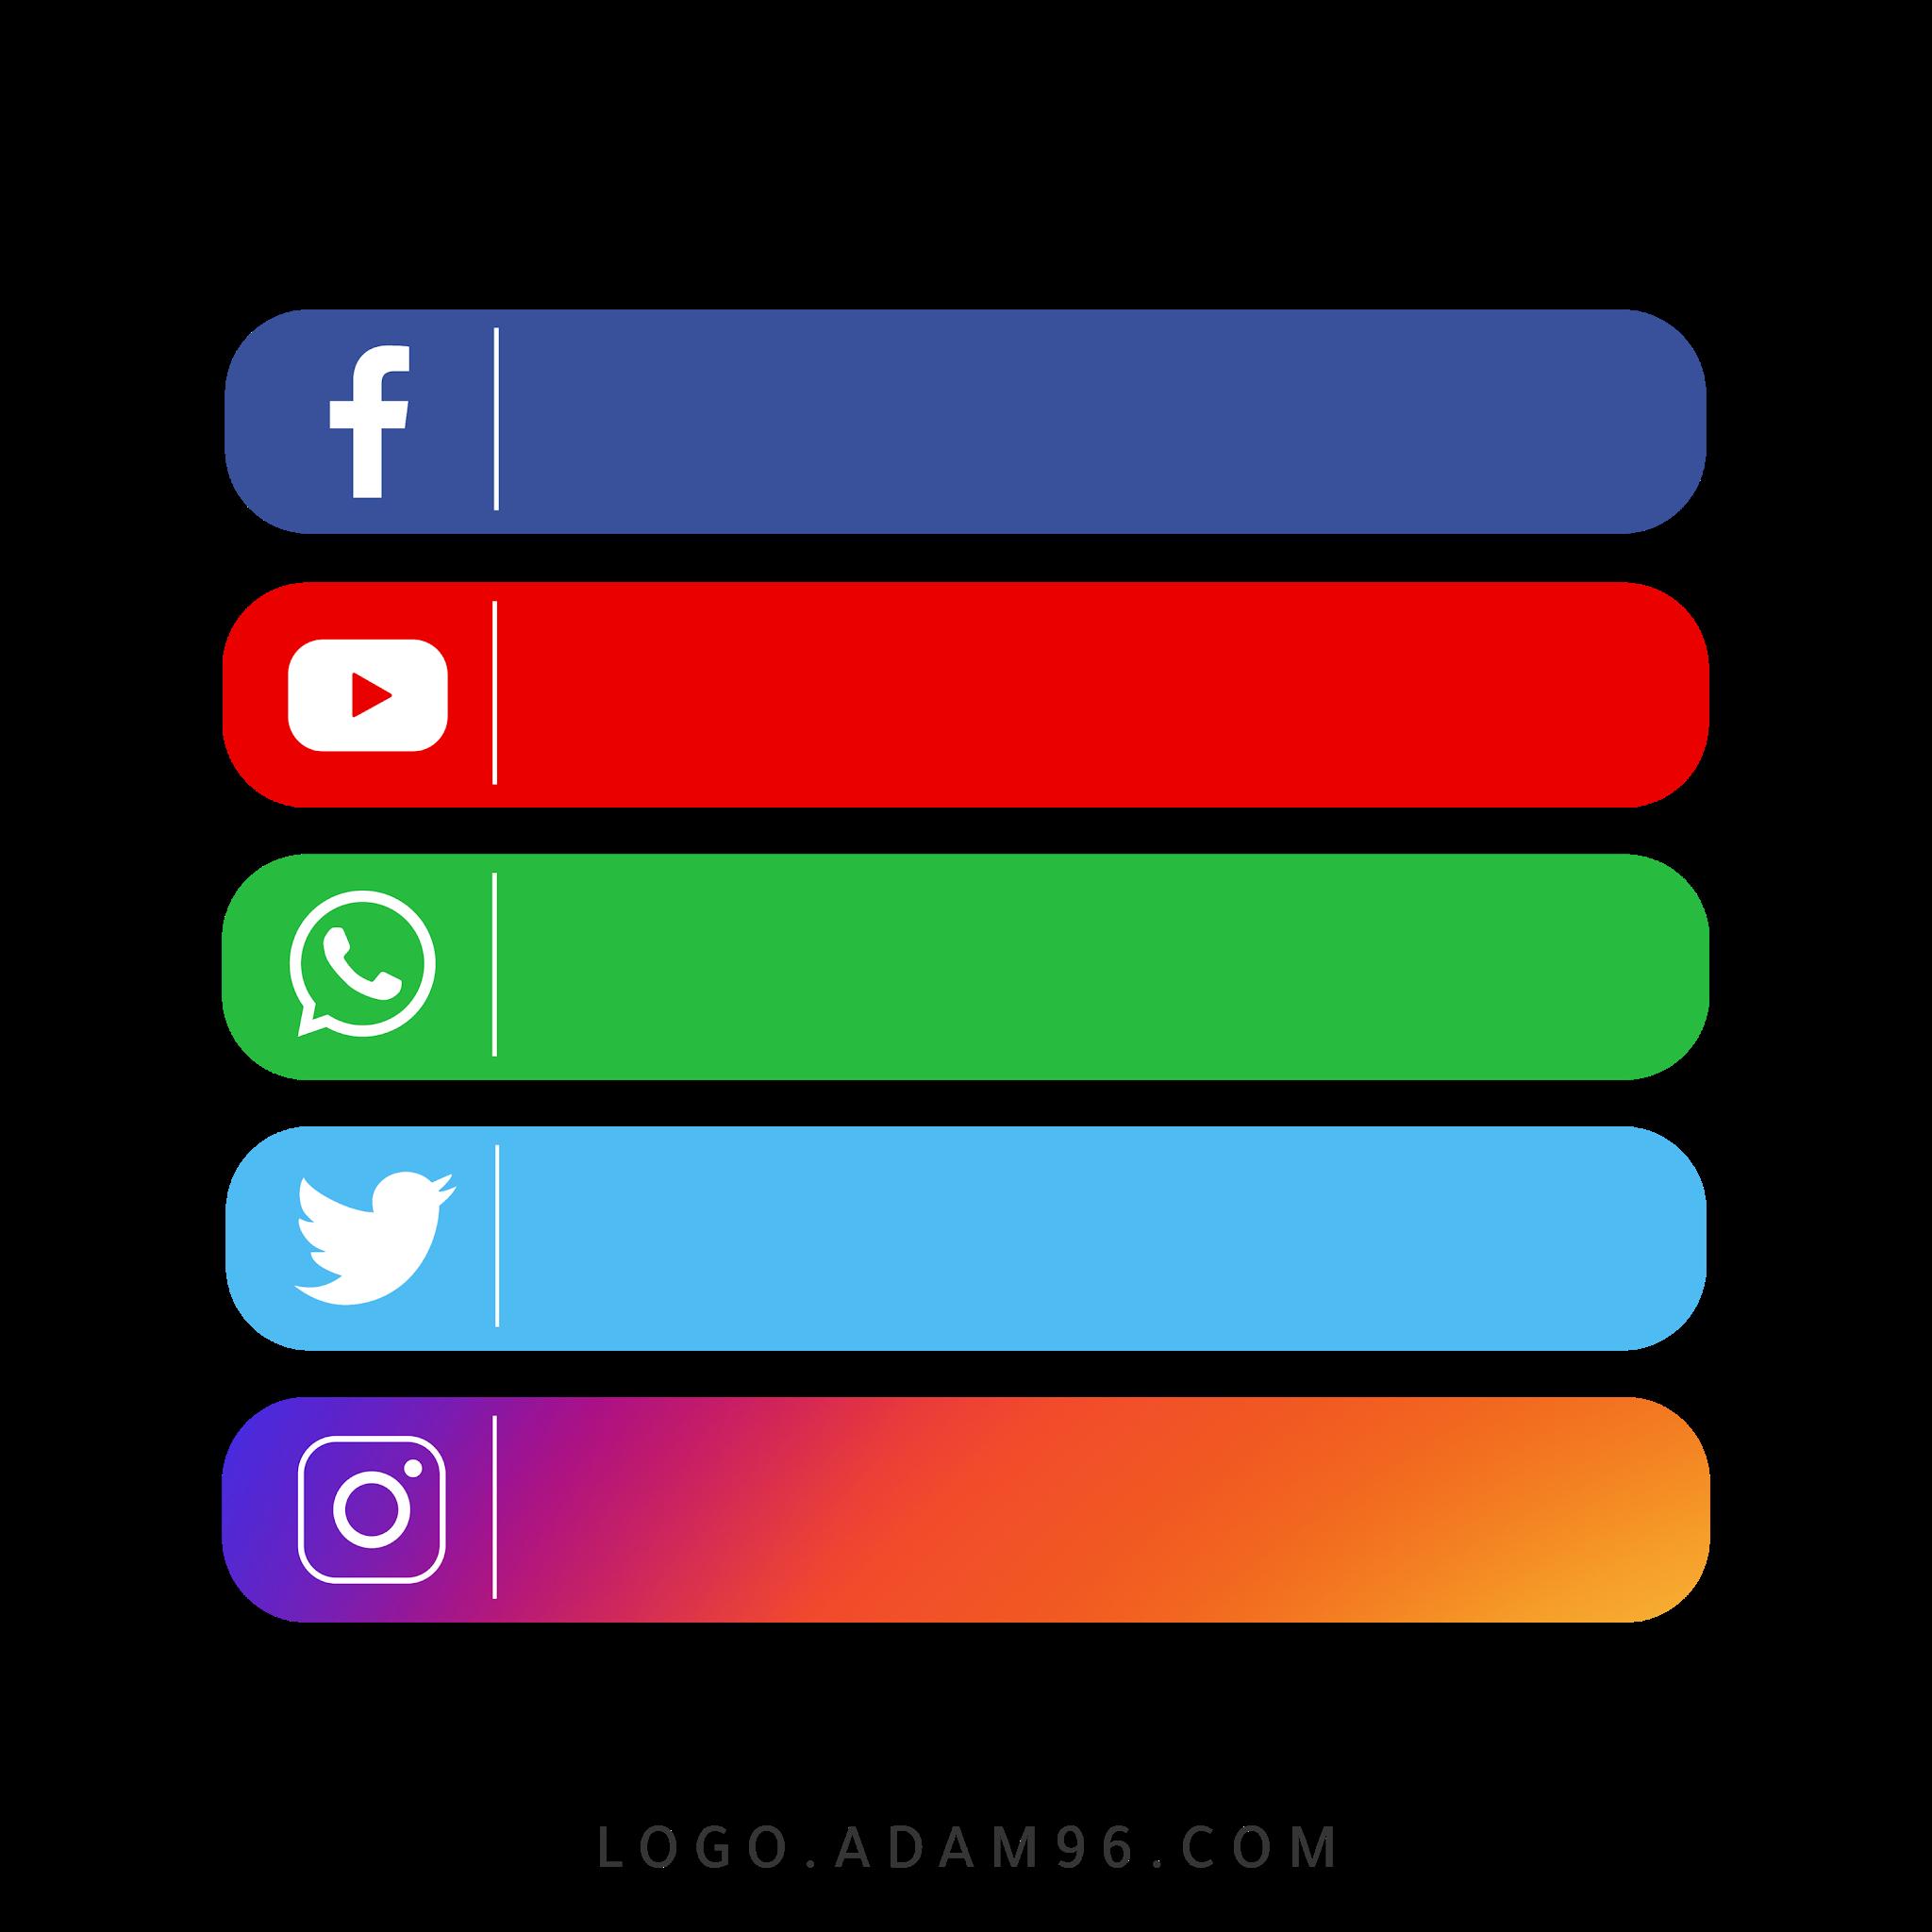 تحميل ايقونات شريط مواقع سوشيال ميديا للمنتاج والتصميم بصيغة شفافة PNG